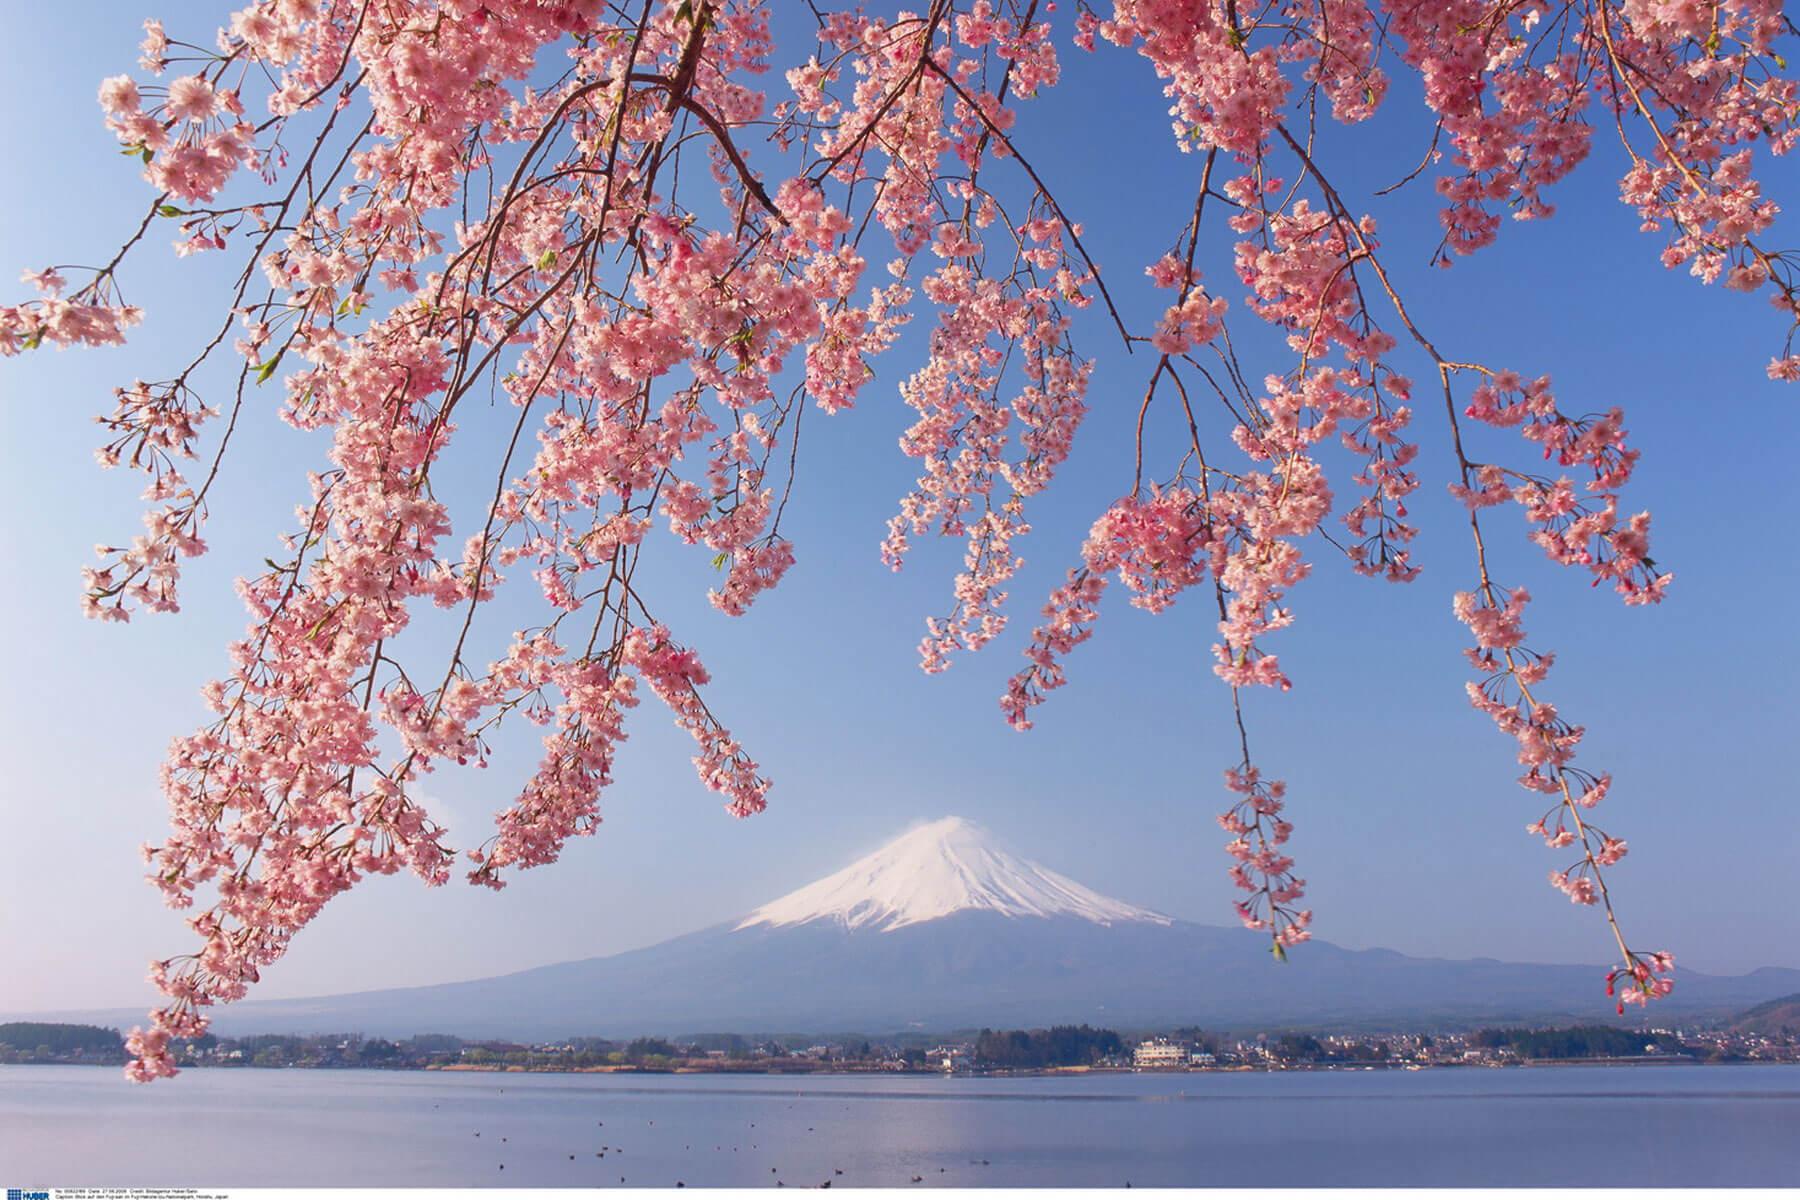 Japanische Kirschblüten Hanami - die beste Reisezeit ist etwa Mitte März bis Mitte April